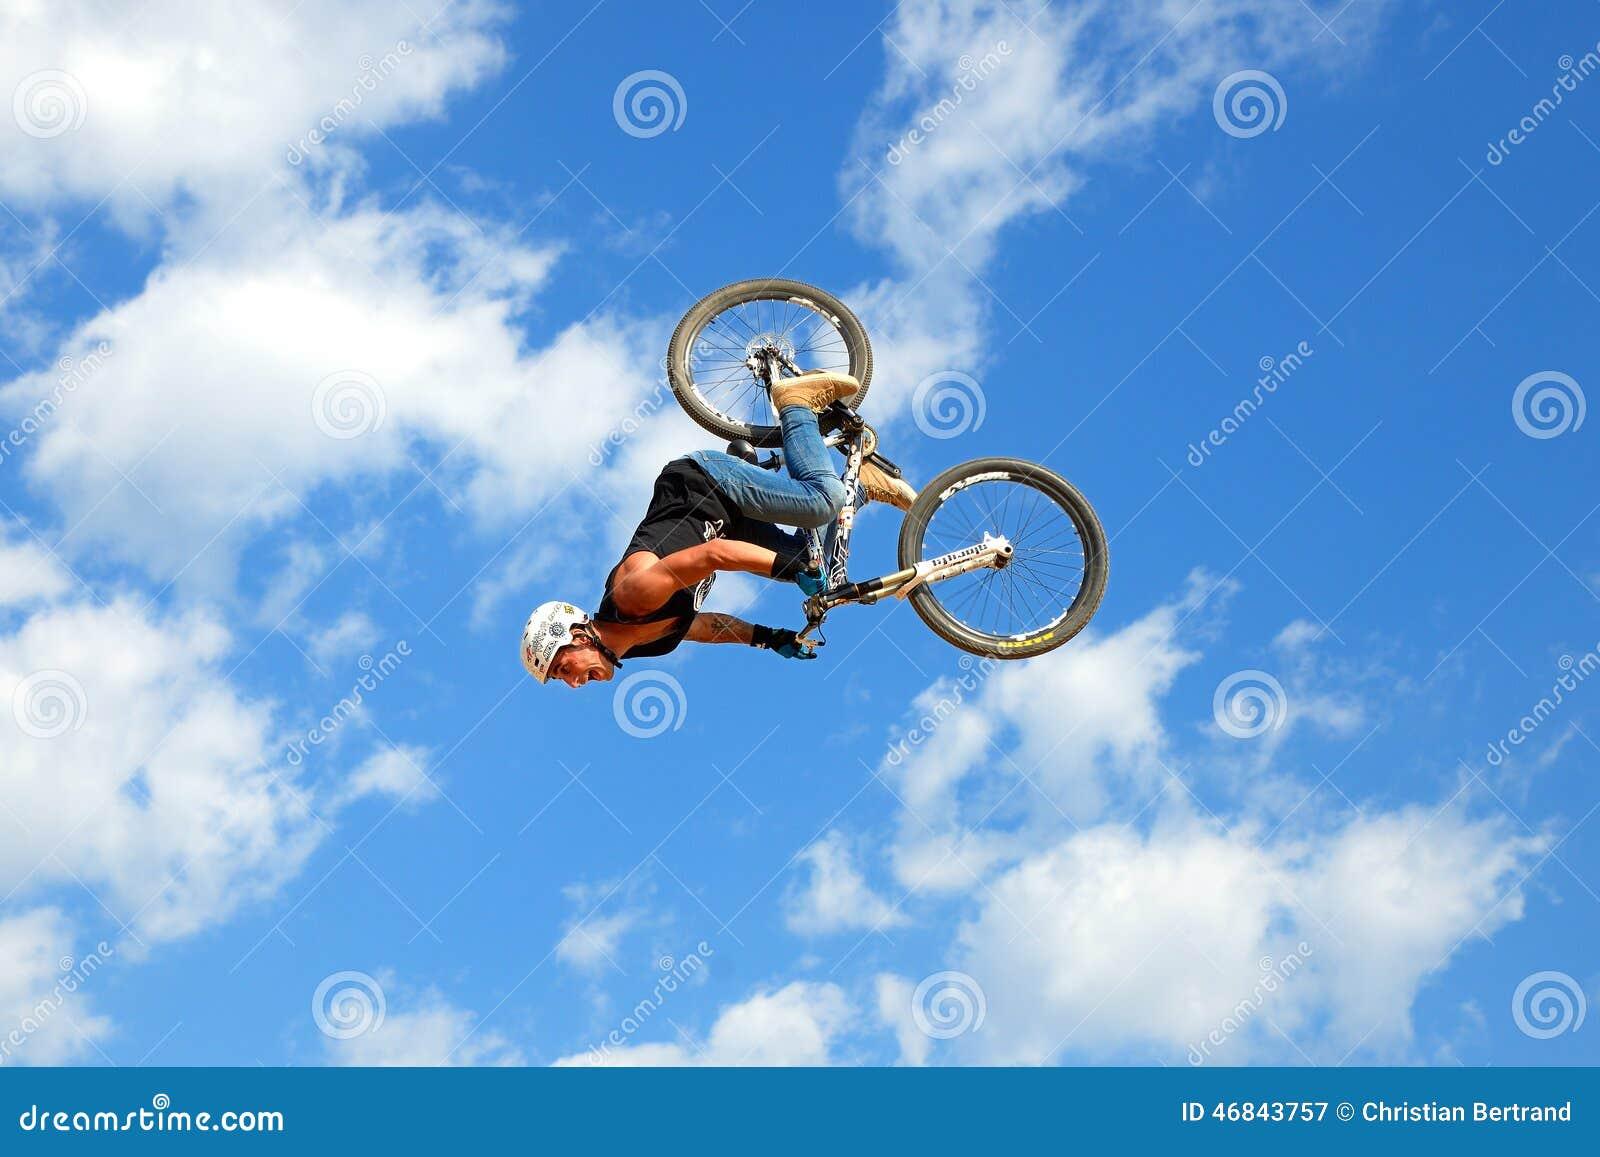 Un cavaliere professionale alla concorrenza di MTB (ciclismo di montagna) sulla pista di sporcizia